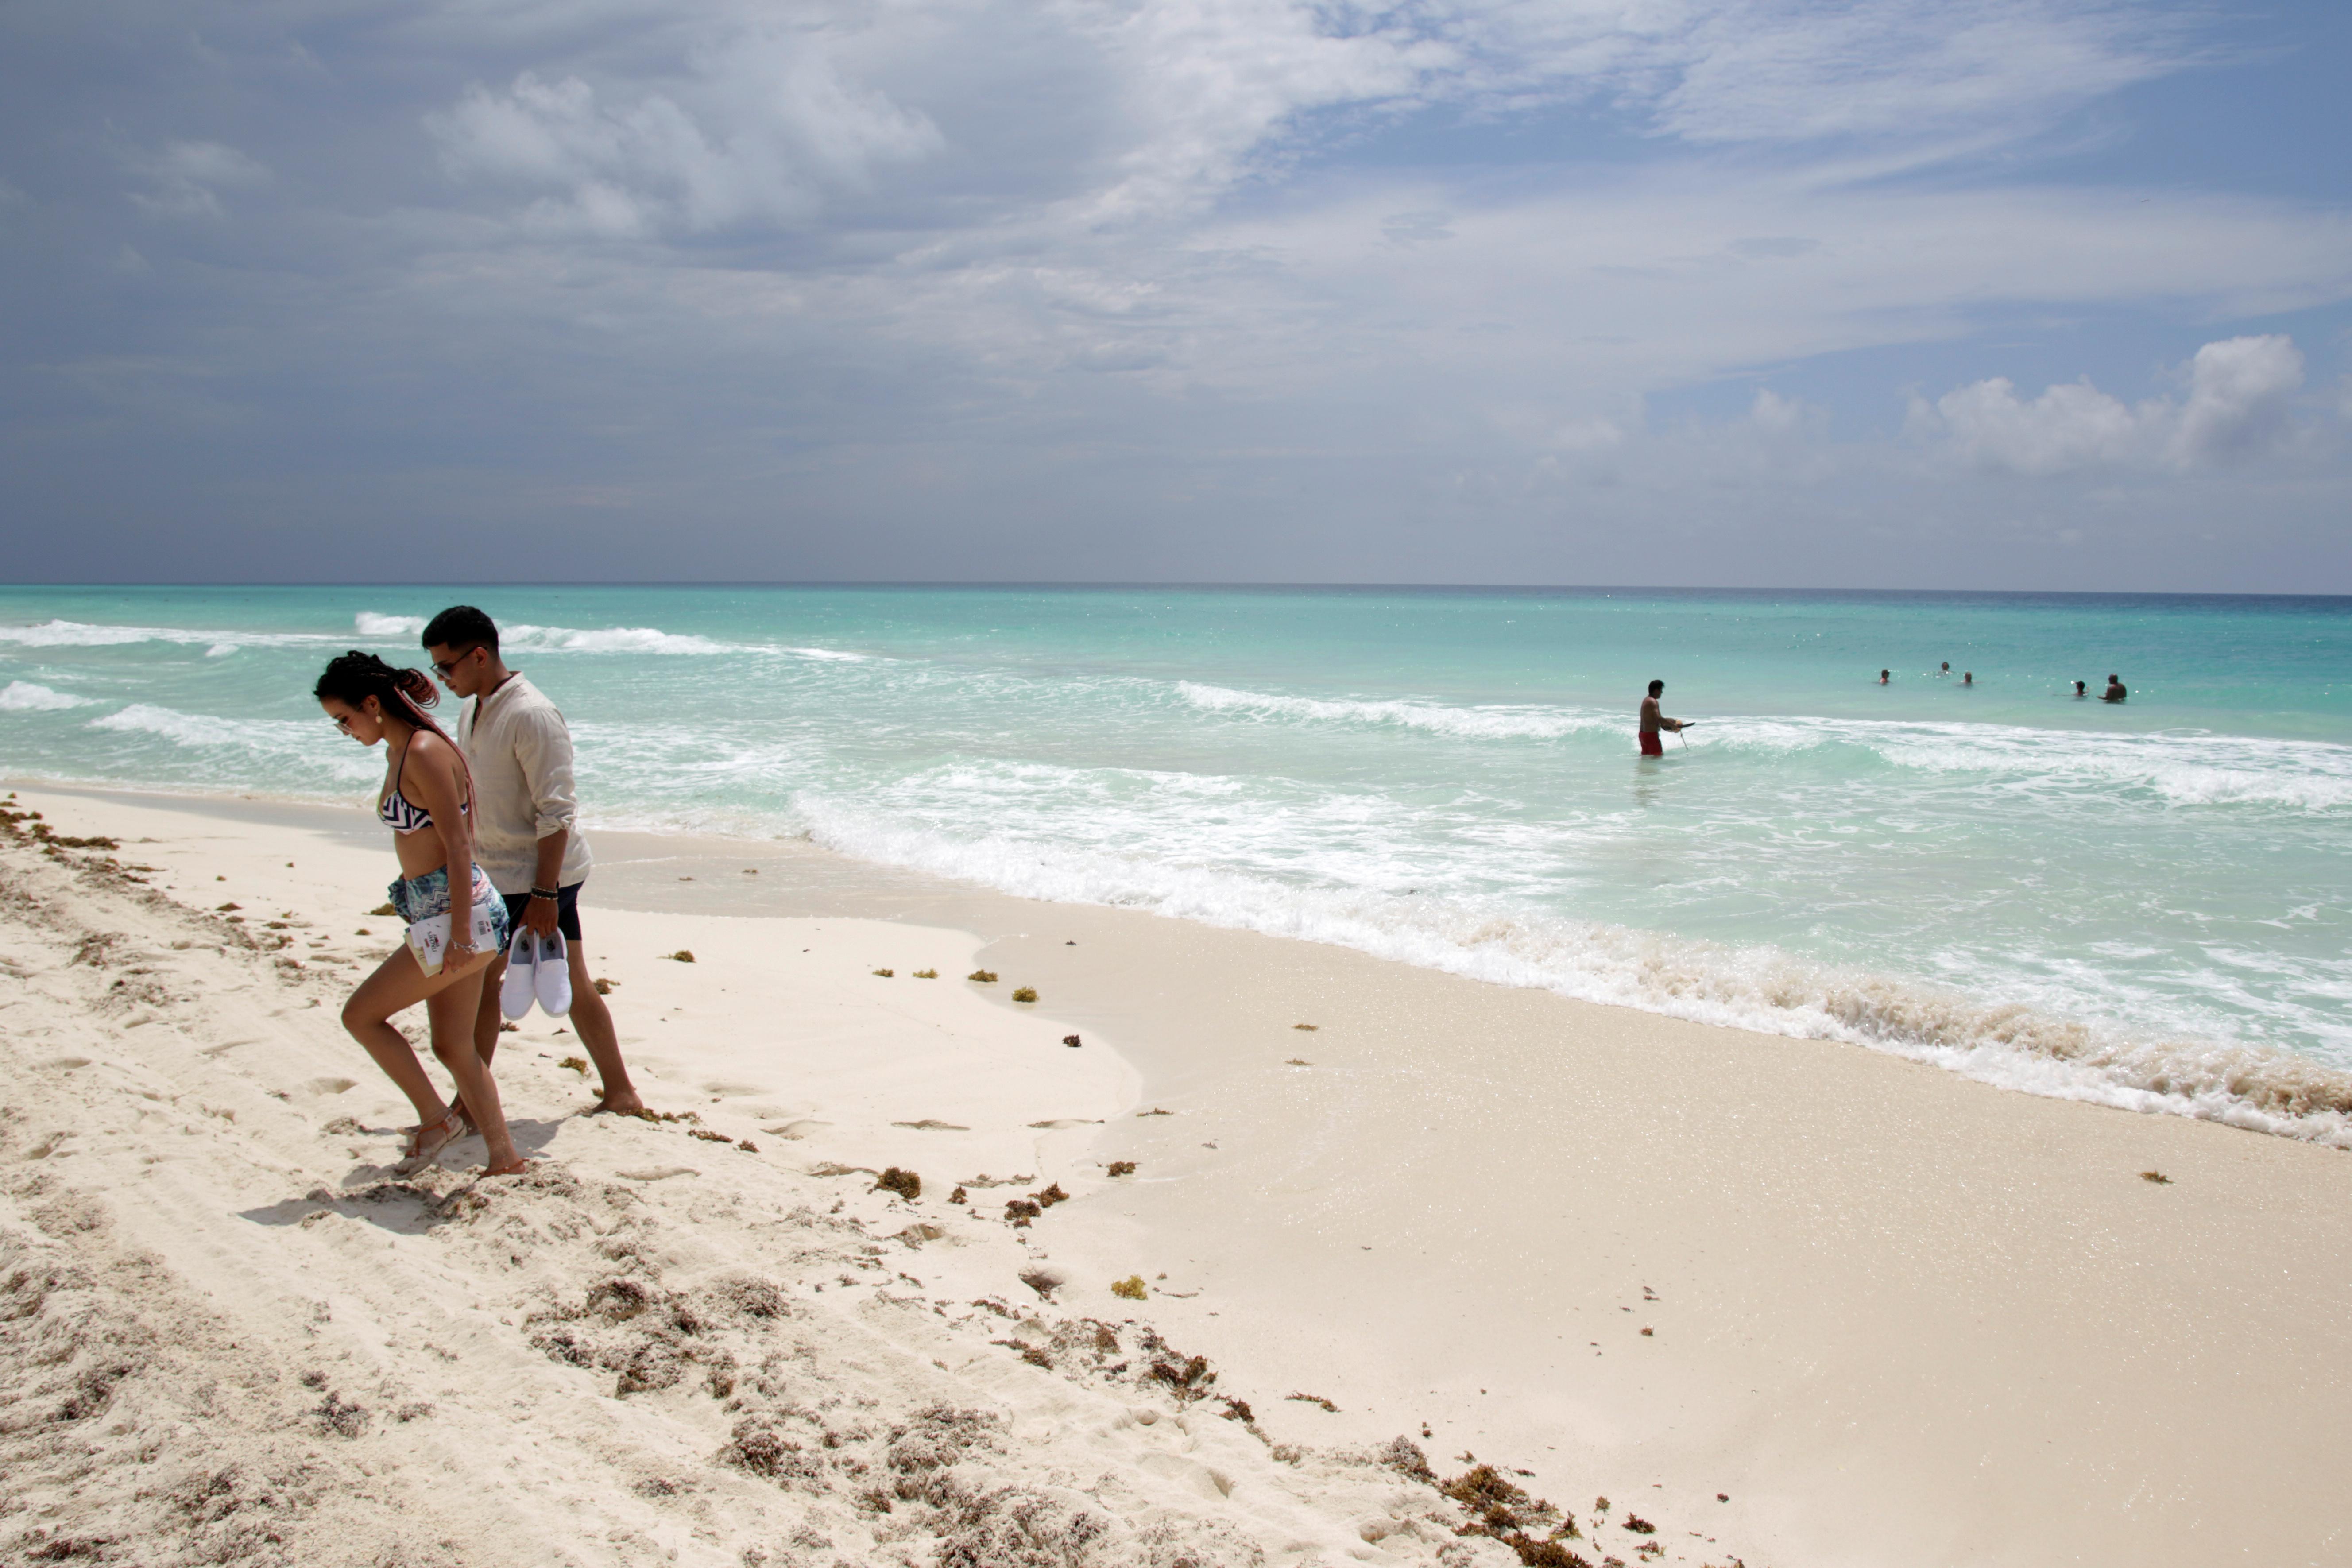 Los turistas se relajan en una playa después de las autoridades locales impusieron estrictas medidas sanitarias para reabrir gradualmente a pesar de la pandemia de la enfermedad por coronavirus (COVID-19), en Cancún, México, el 11 de junio de 2020. Foto: Reuters.